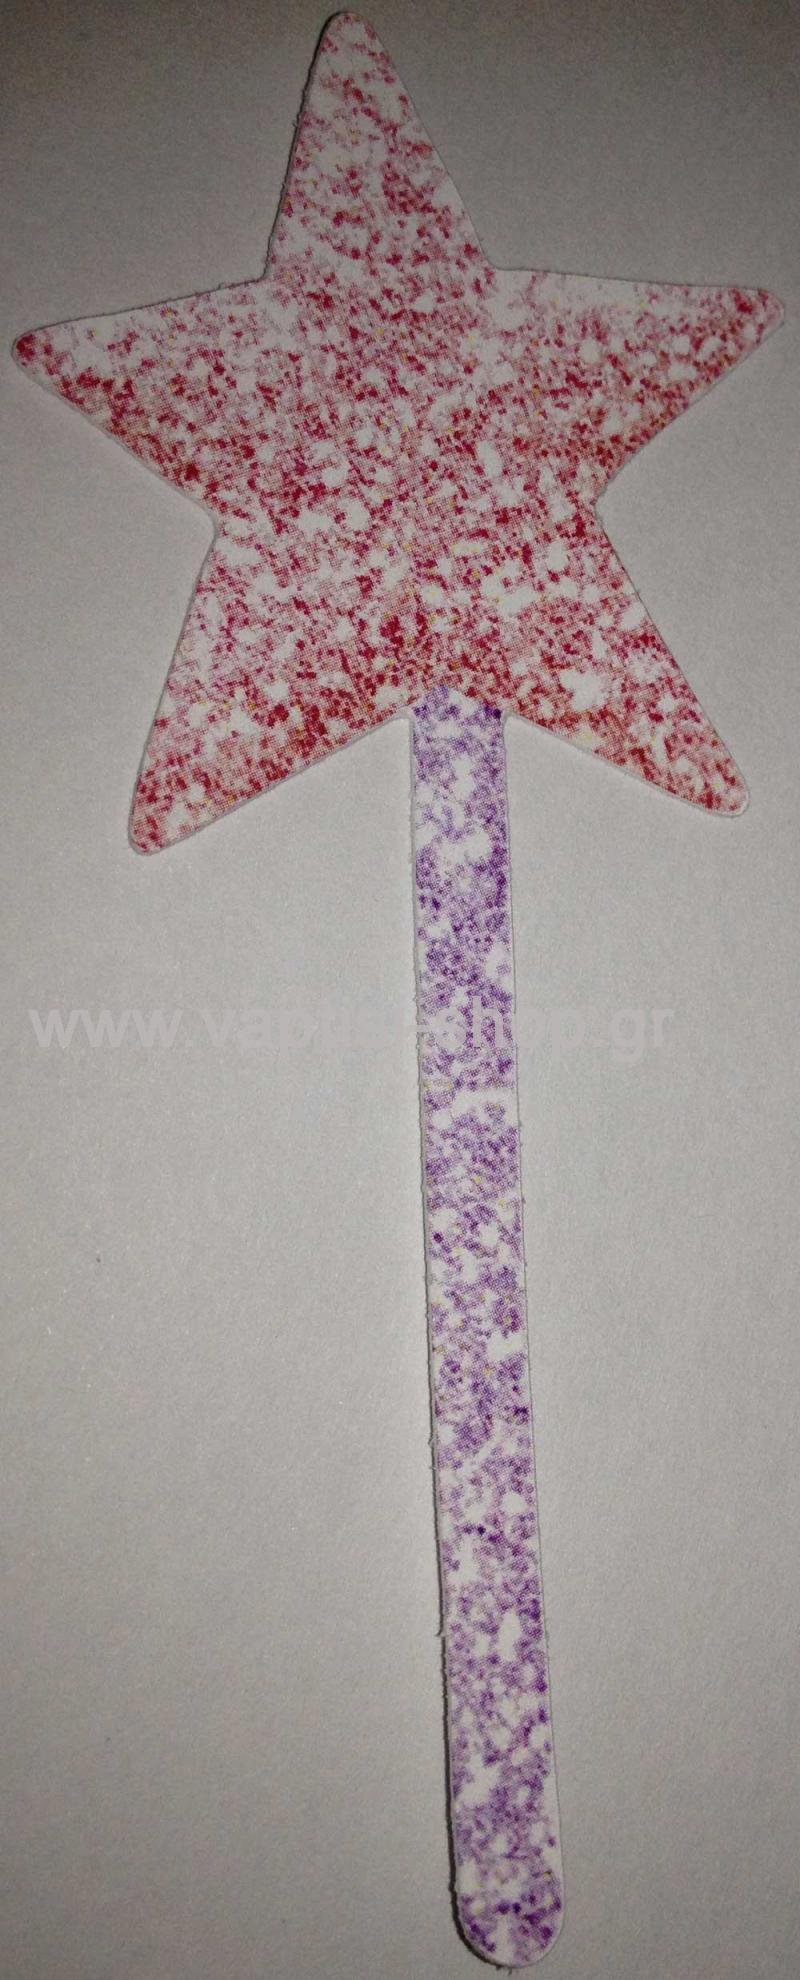 Χάρτινη φιγούρα  ραβδάκι νεράιδας